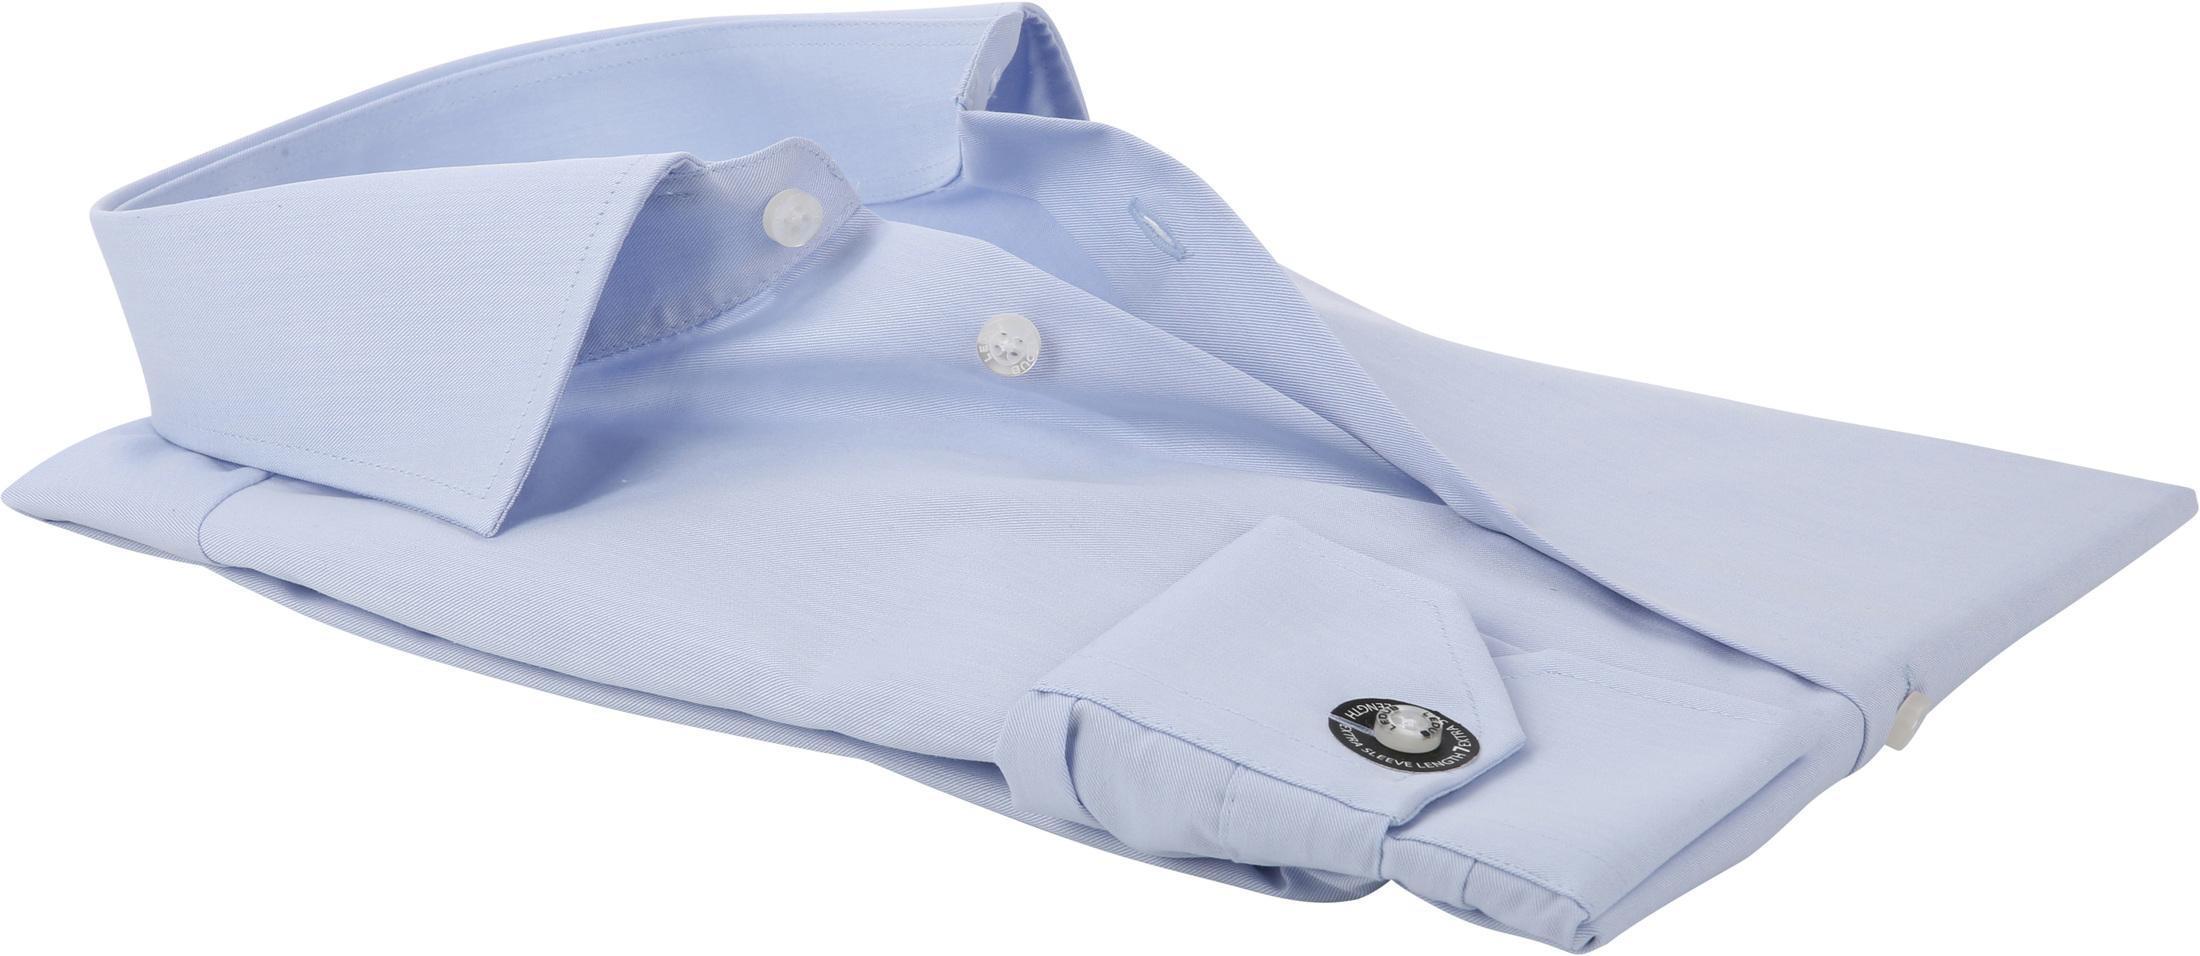 Ledub Hemd Bügelfrei Blau Sleeve 7 foto 3